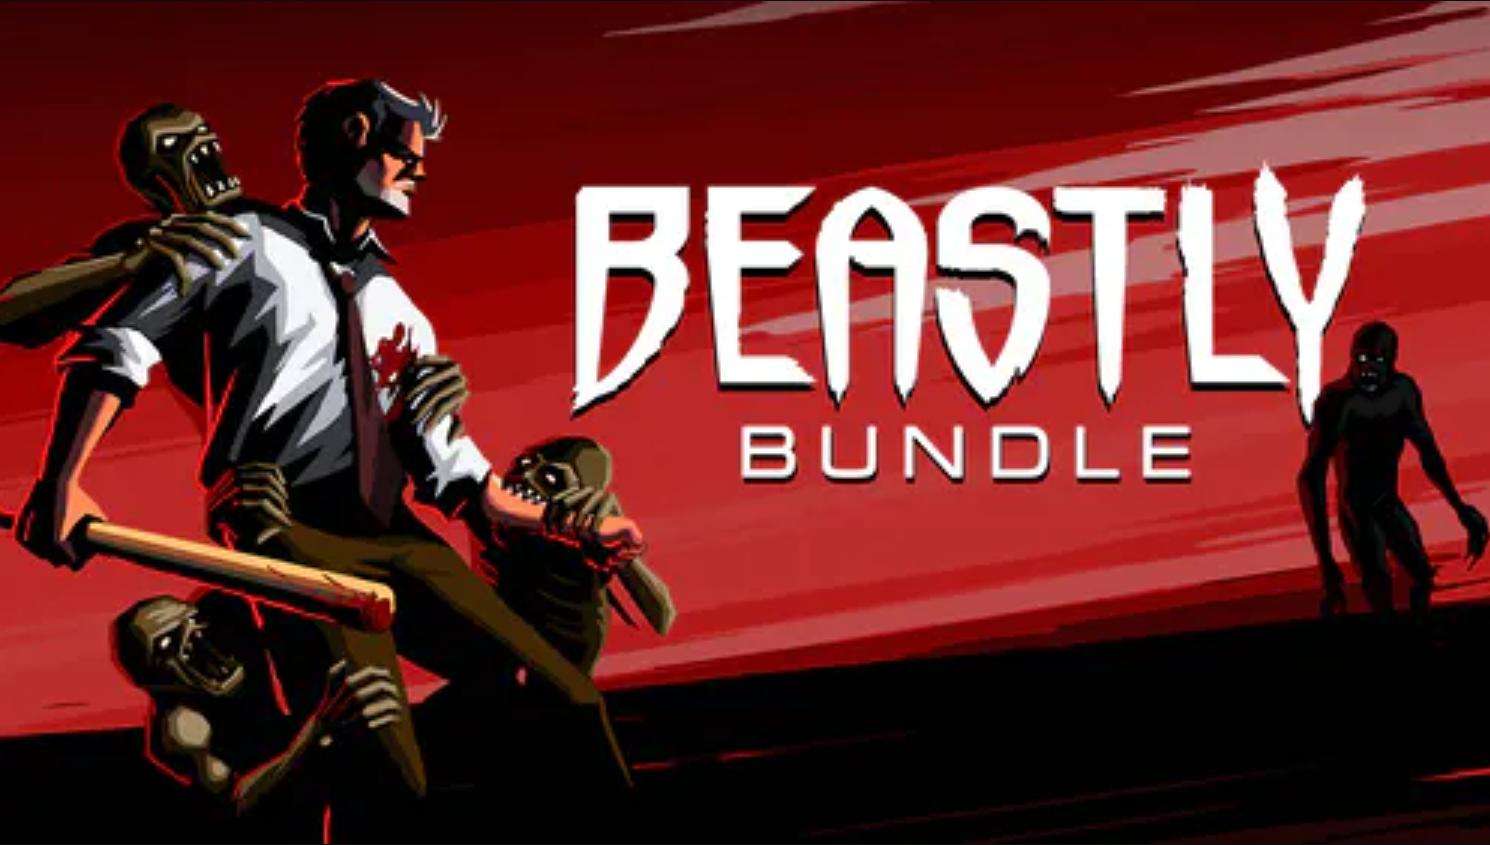 Beastly Bundle de videojuegos en Fanatical